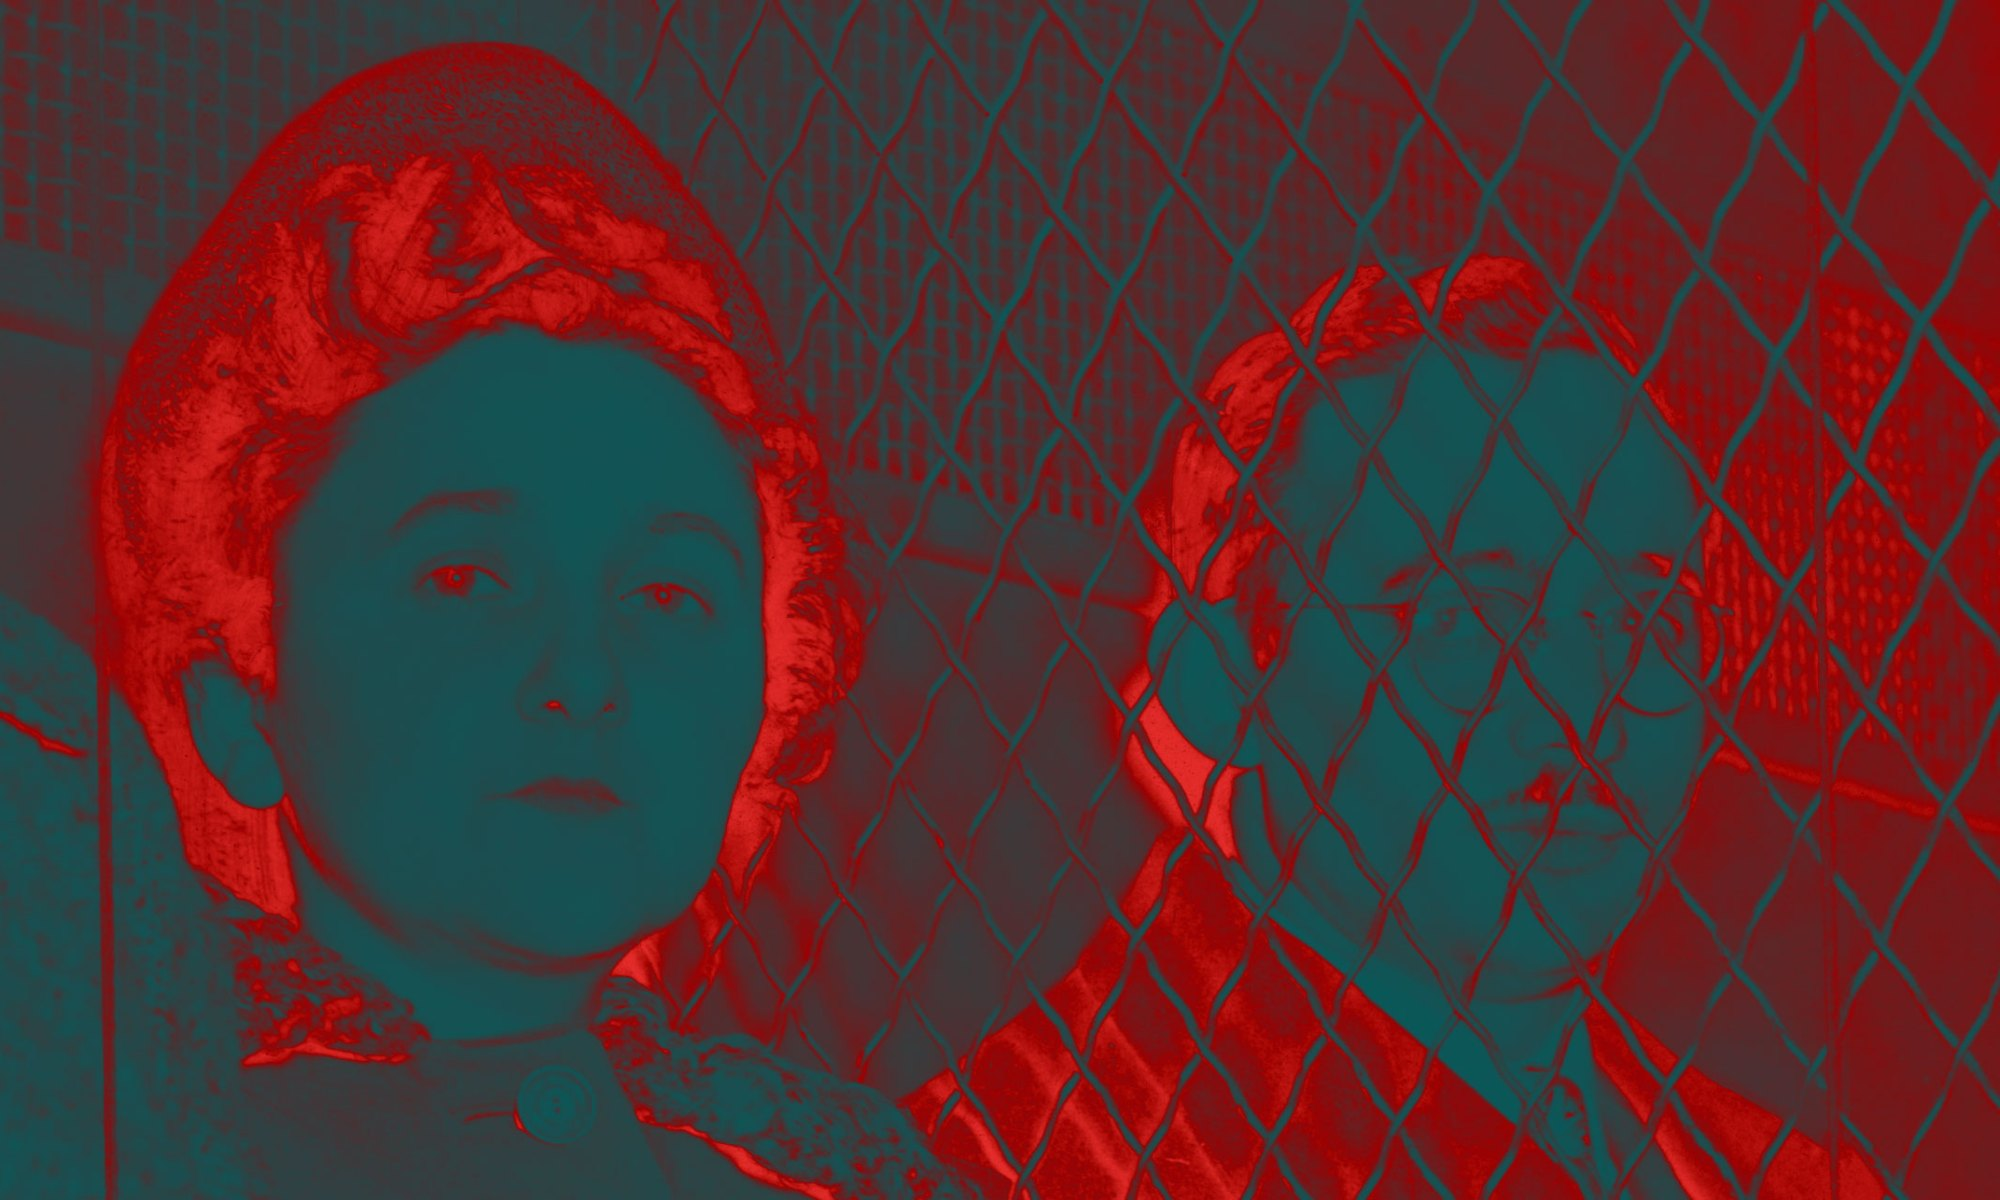 Ethel and Julius Rosenberg photo image